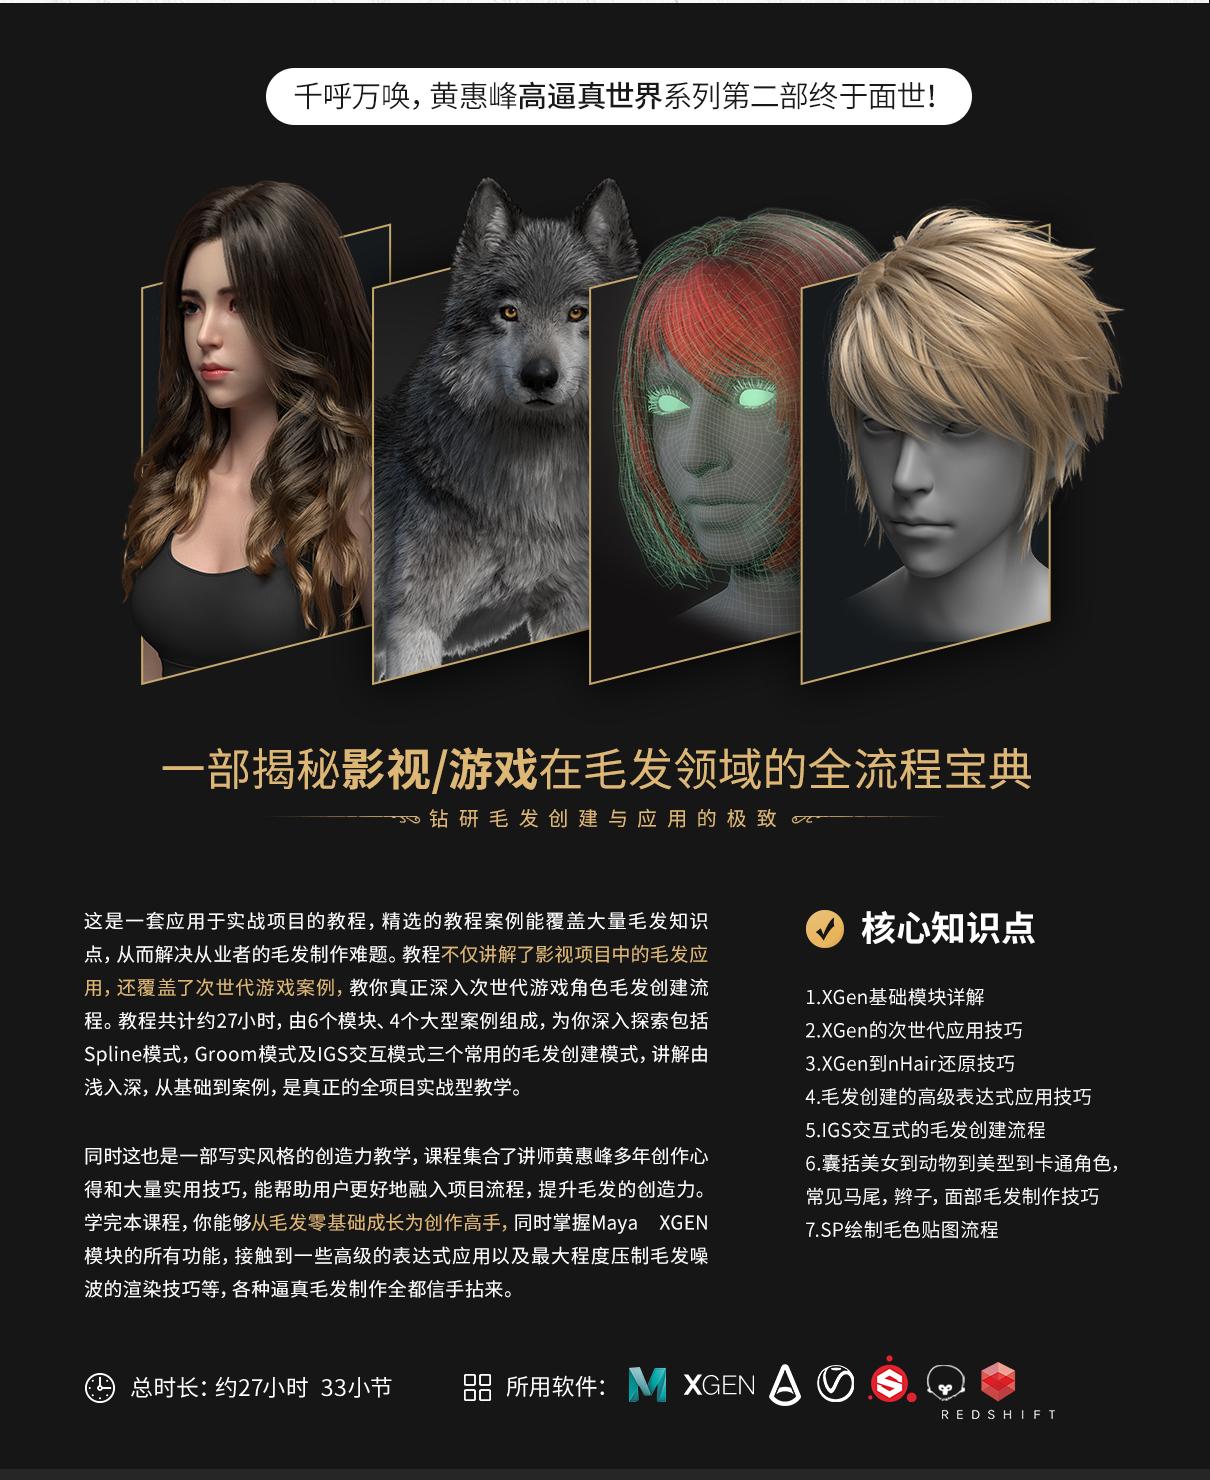 黄惠峰XGEN毛发世界PC_05.jpg